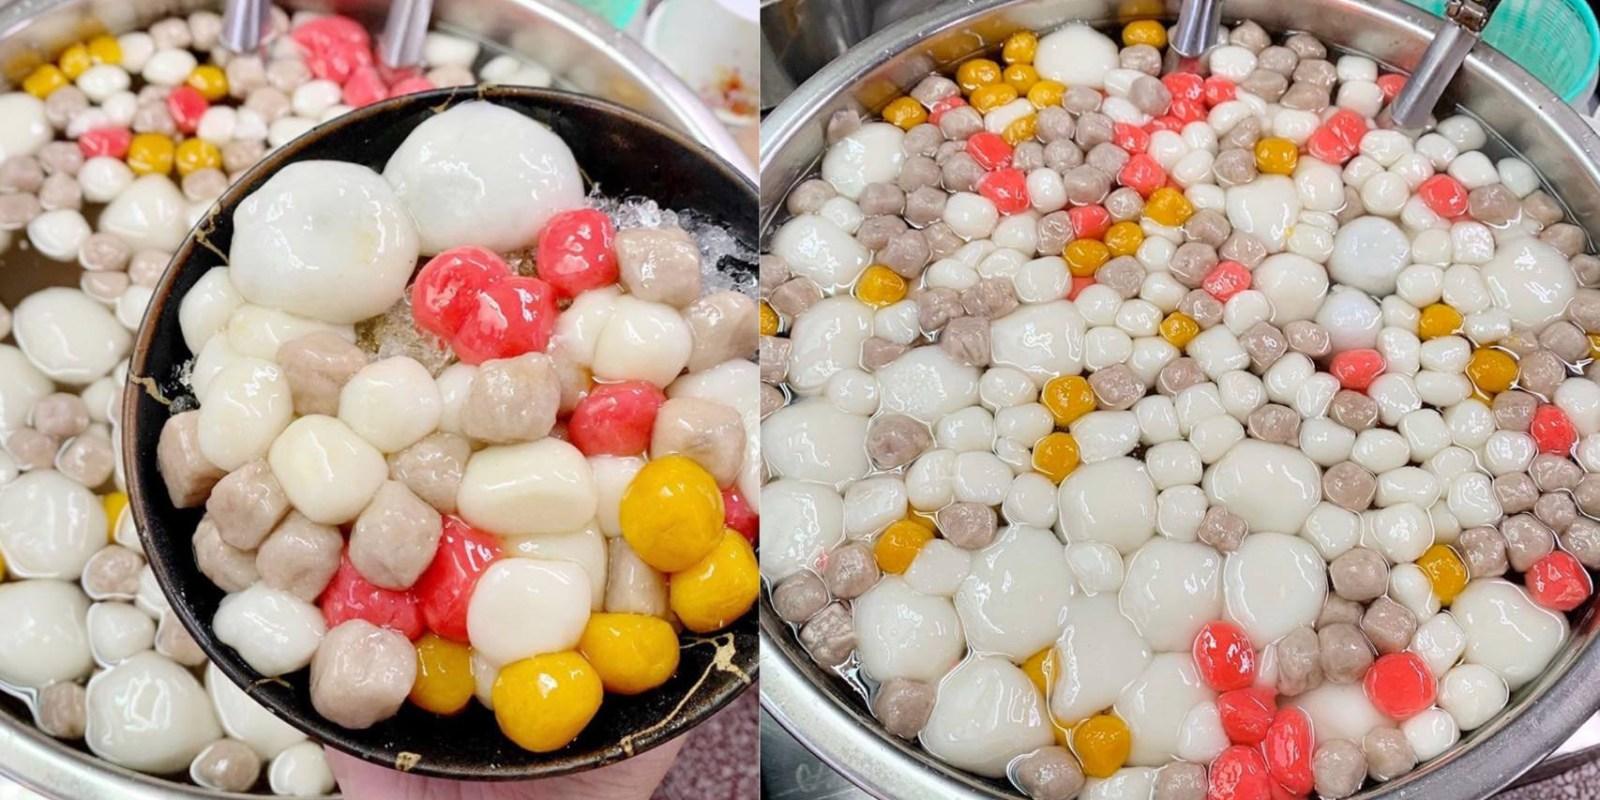 【台北美食】遼寧夜市推薦美食『客家自製湯圓』彩色湯圓非常療癒!另有燒麻糬、豆花、紅豆花生湯等等選擇。